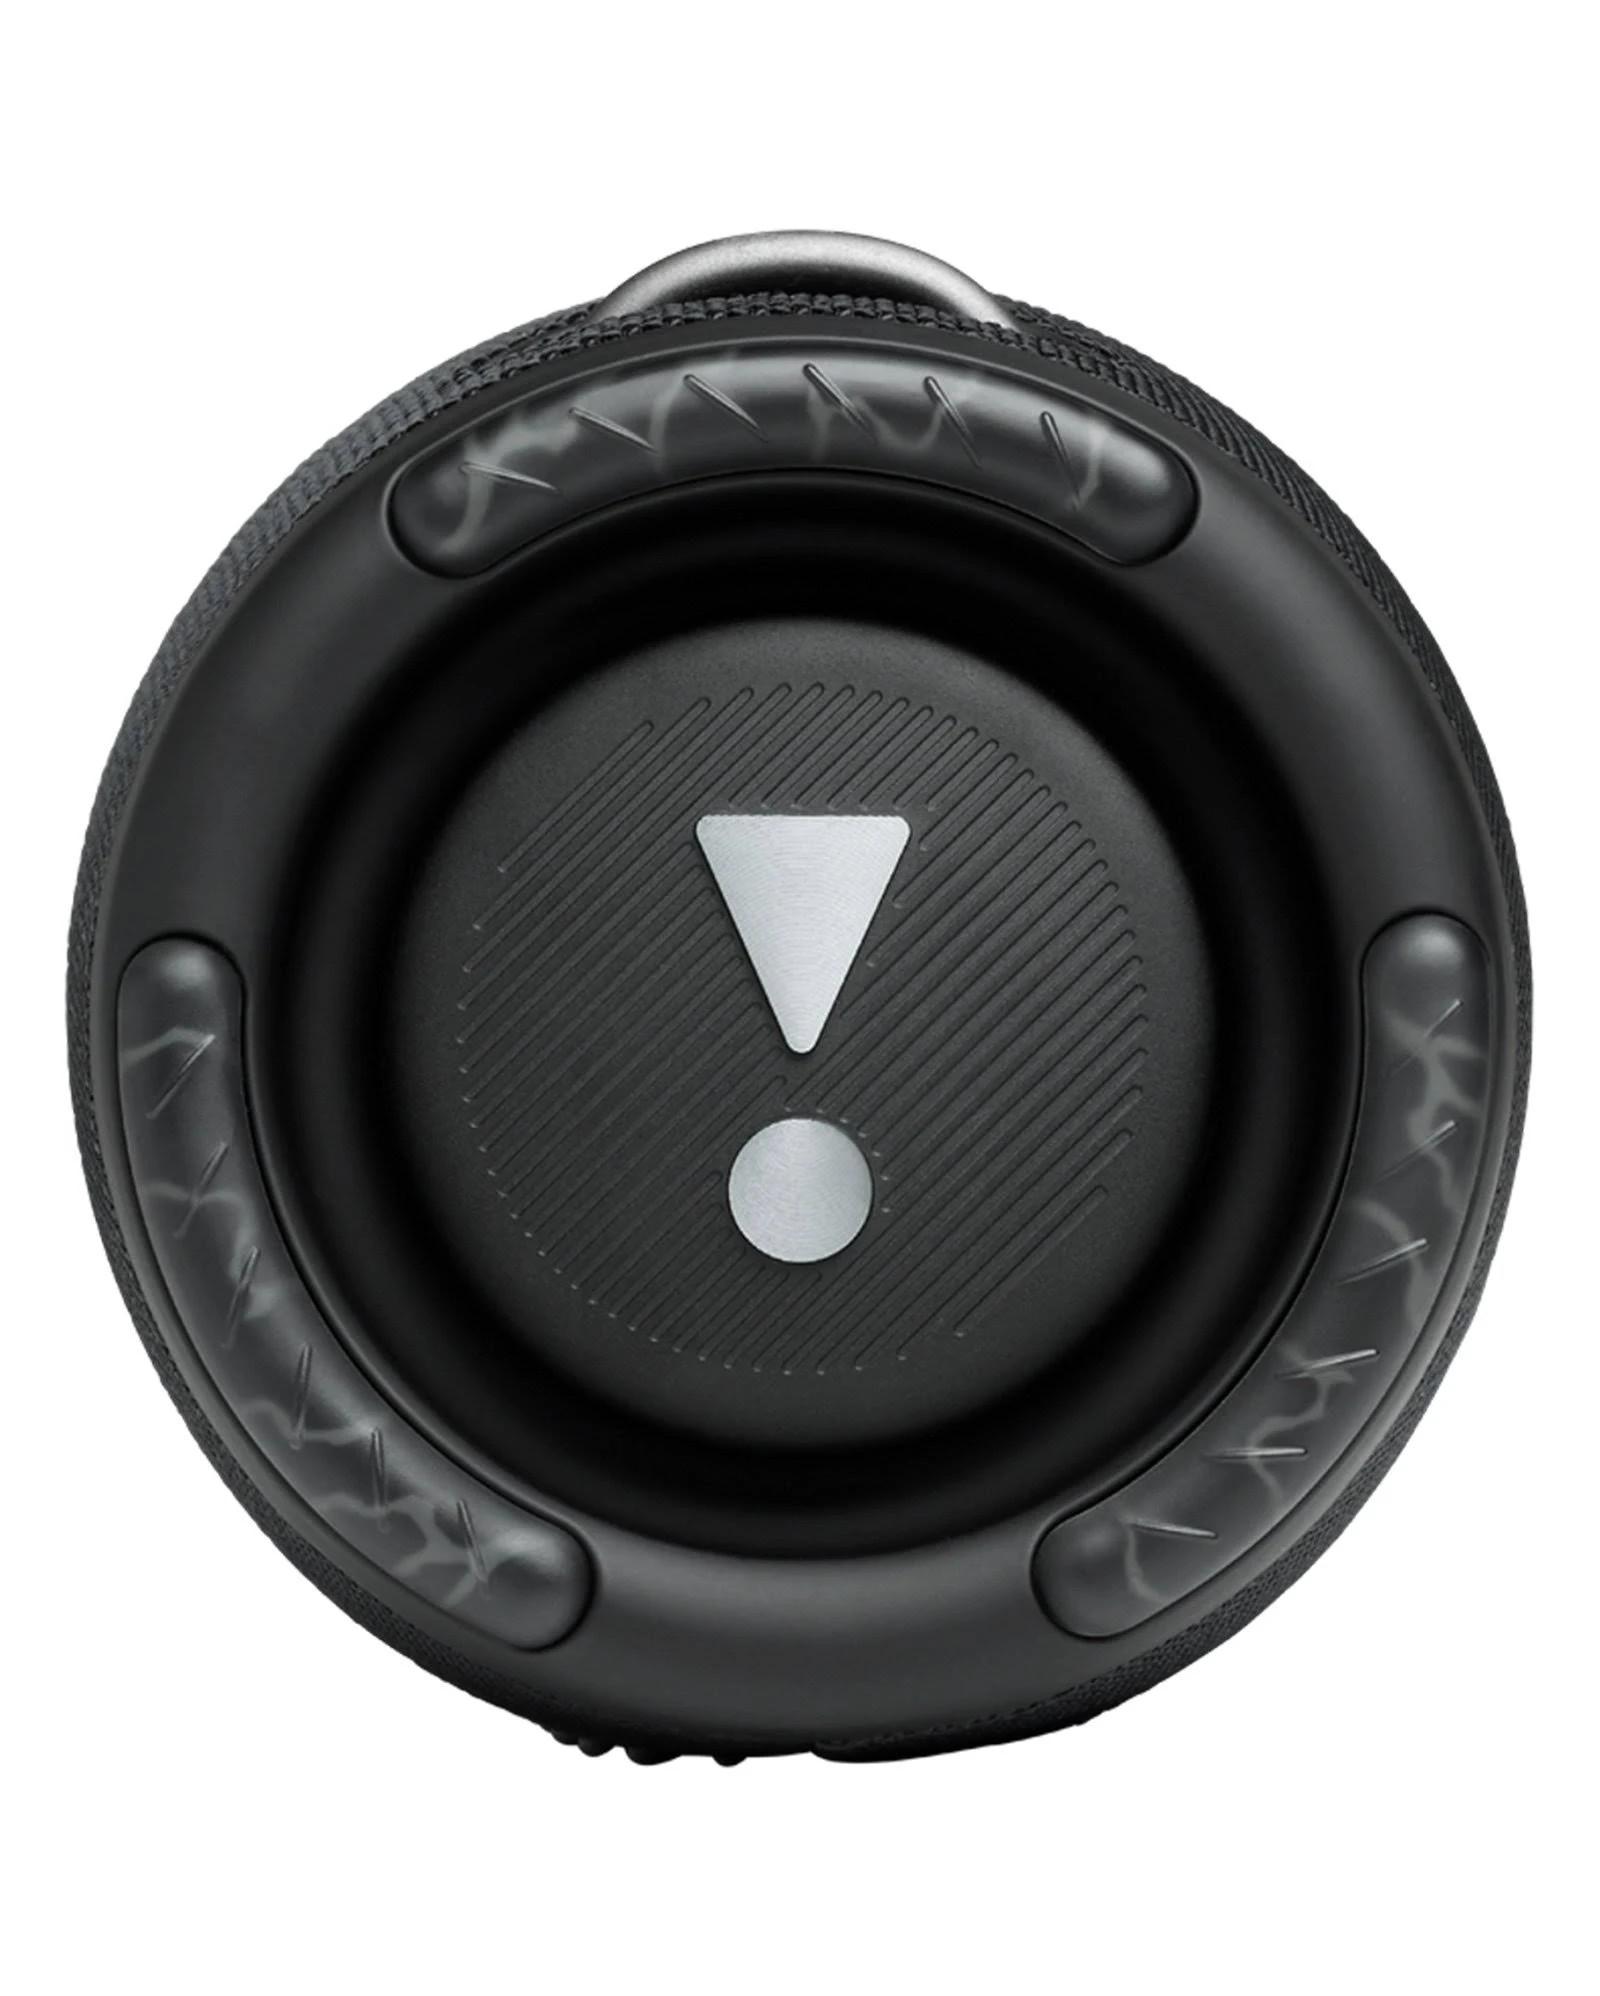 Caixa de Som Portátil JBL Xtreme 3 com Bluetooth à Prova d'água - Preto